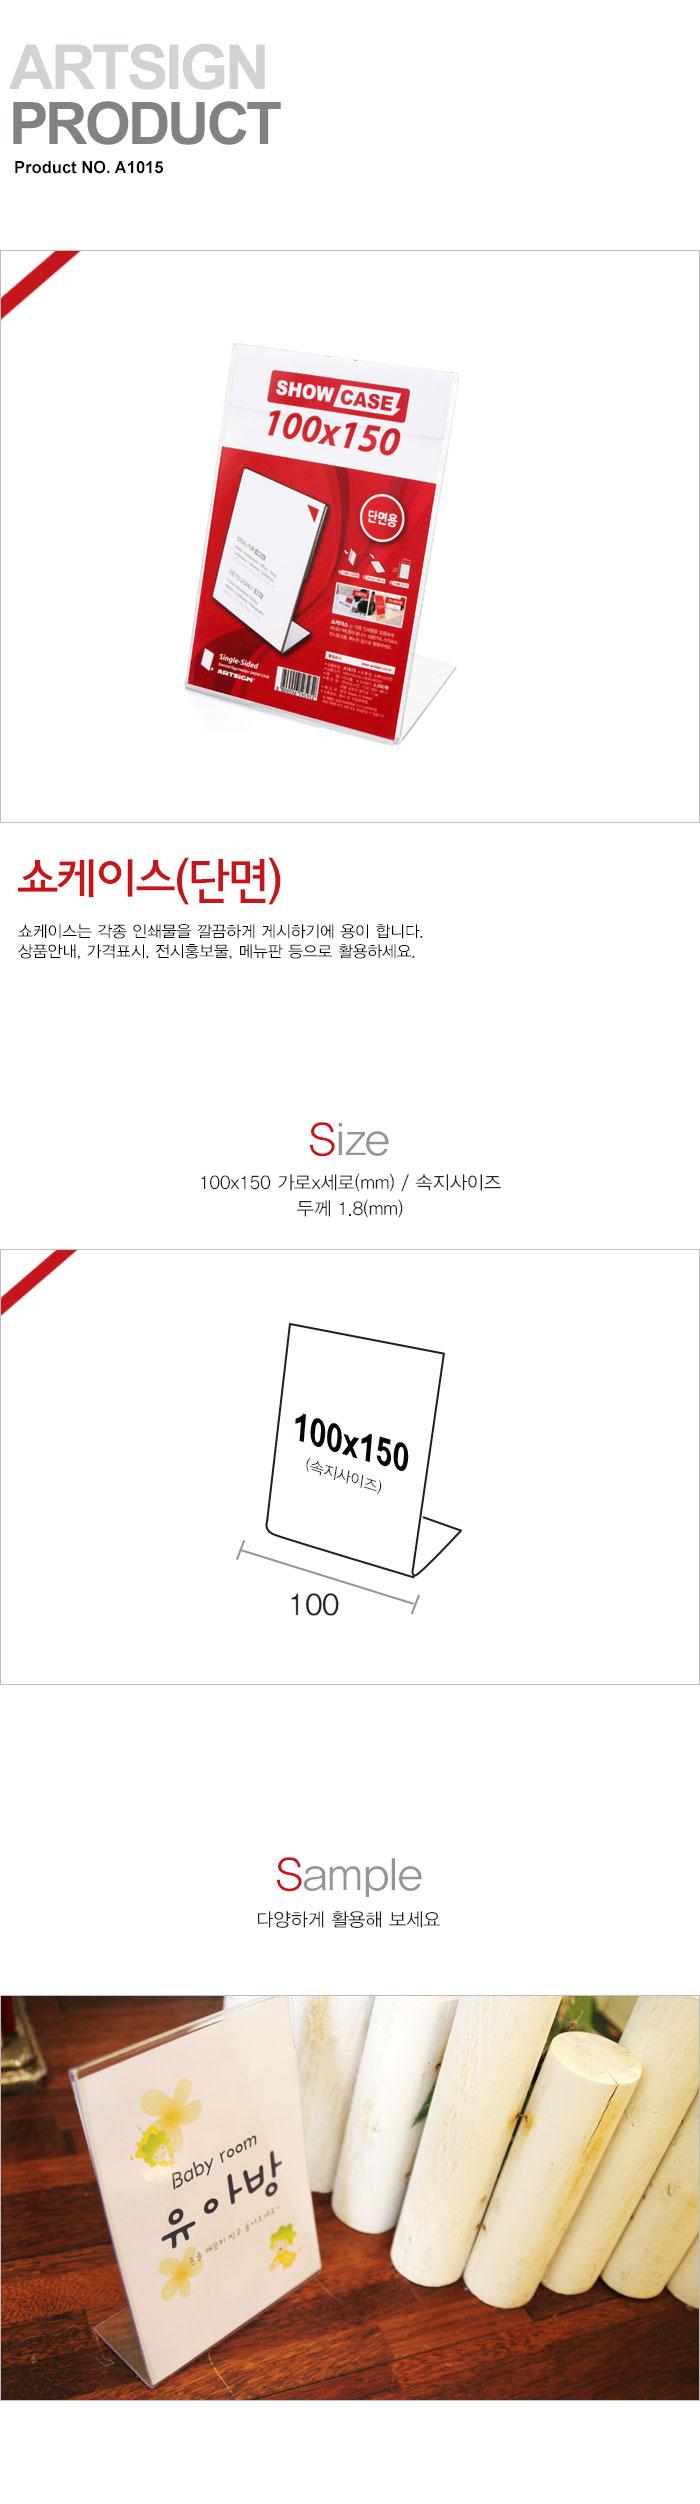 쇼케이스(세로) 100*150 A1015 - 아트사인, 2,000원, 문패/보드, 아크릴문패